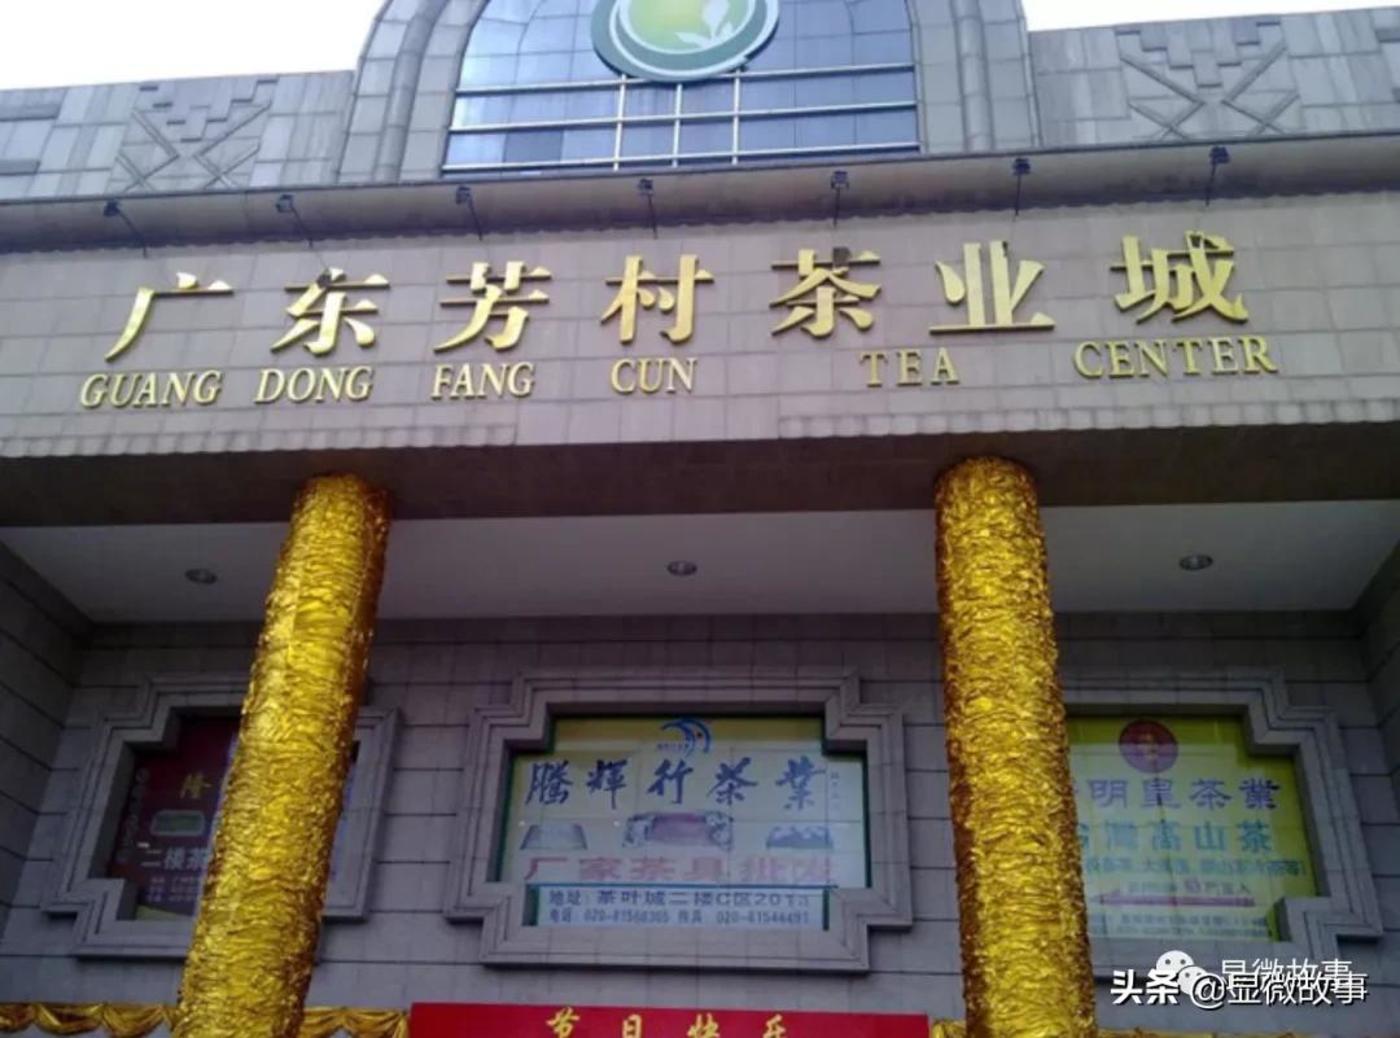 图   广东芳村茶业城是国内最大的茶叶集散地